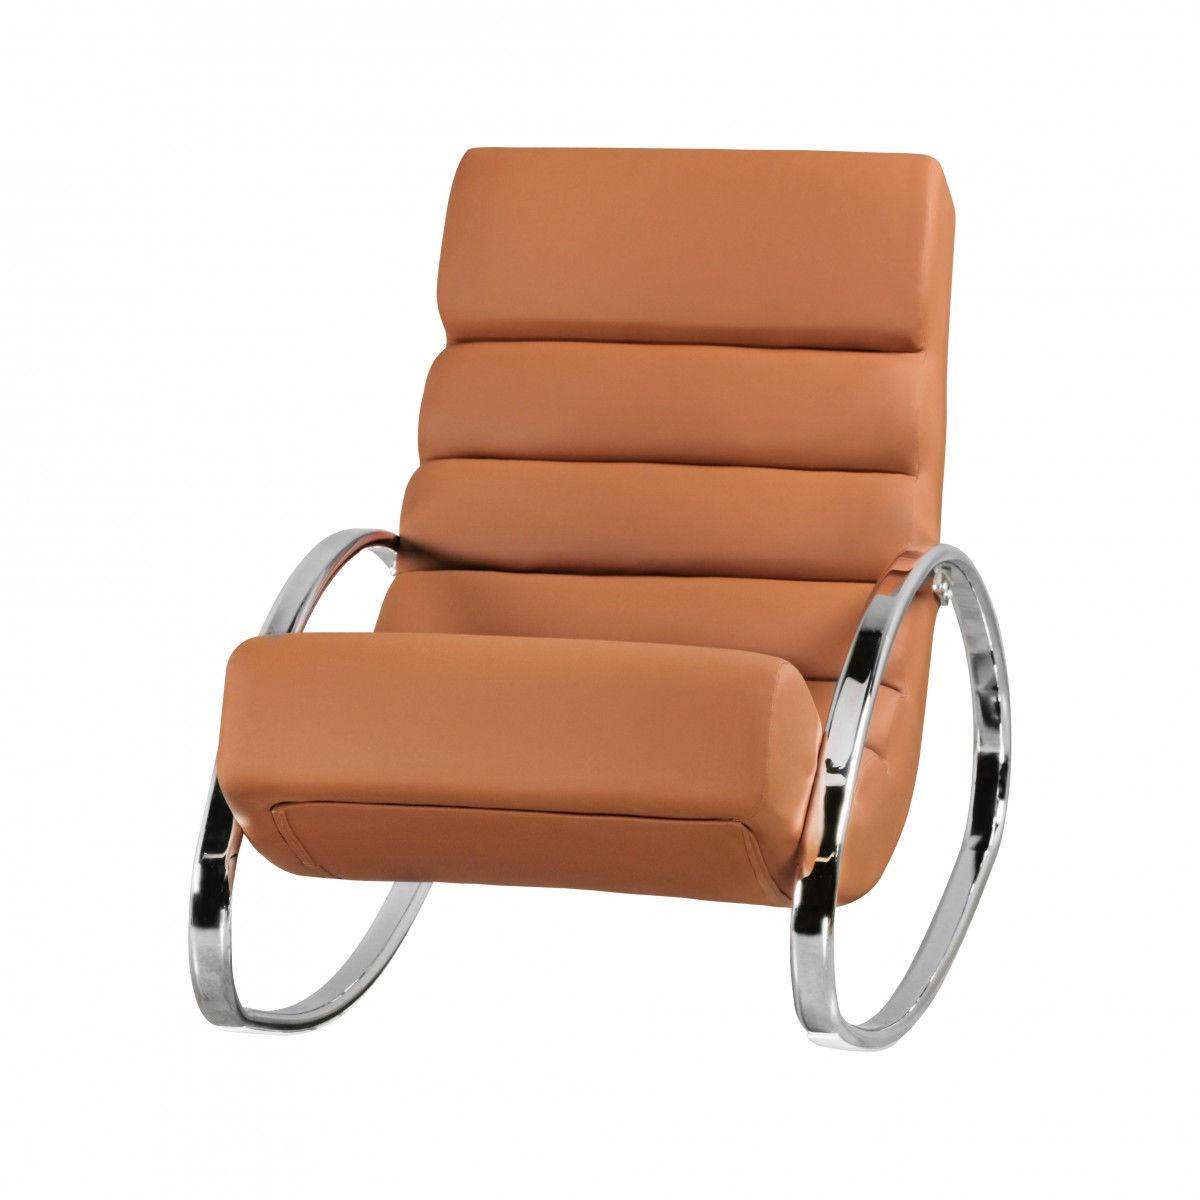 Full Size of Relaxliege Modern Weran Sessel Fernsehsessel Farbe Braun Relaxsessel Moderne Landhausküche Garten Deckenleuchte Schlafzimmer Modernes Bett Wohnzimmer 180x200 Wohnzimmer Relaxliege Modern